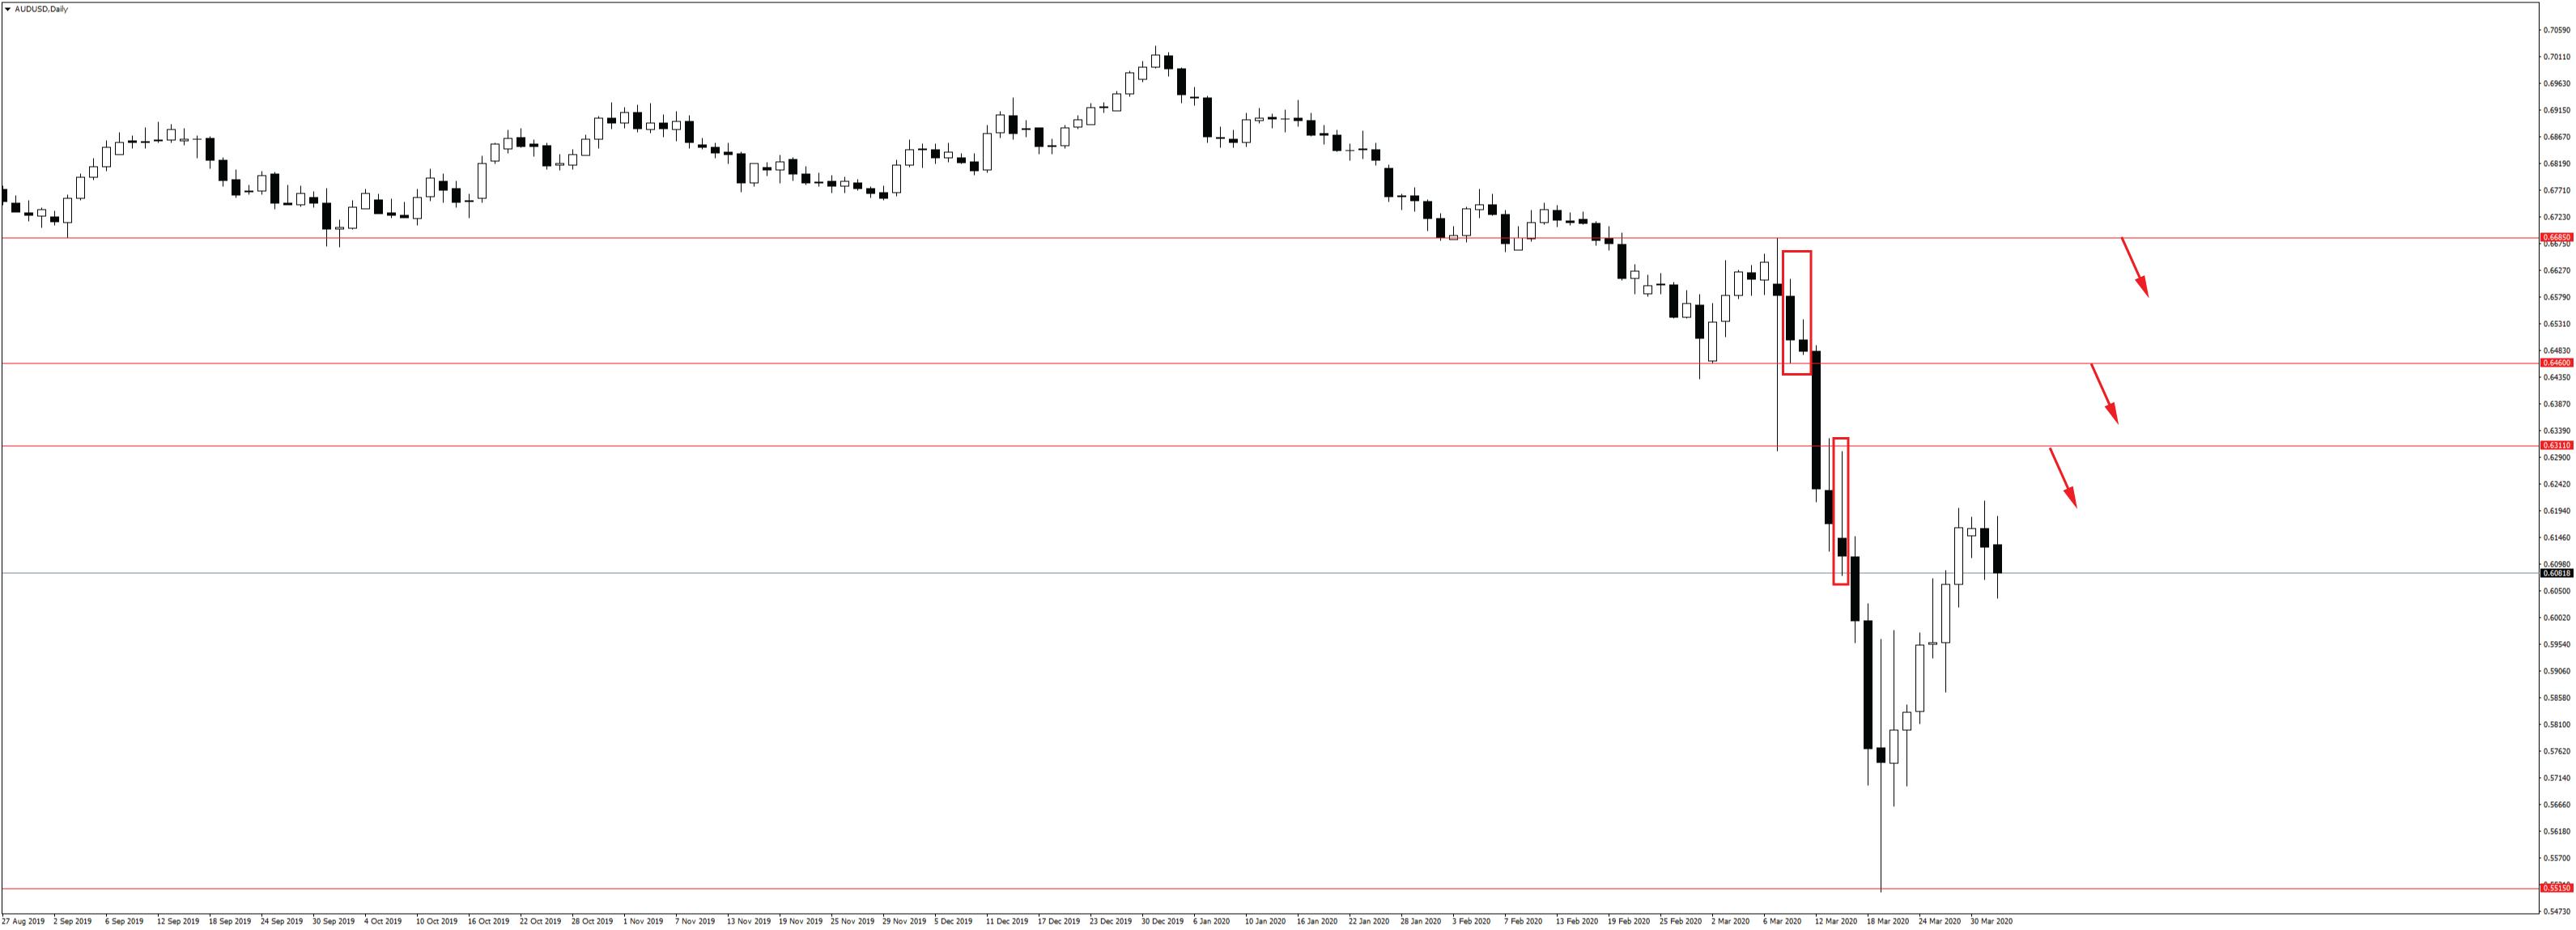 Ý tưởng giao dịch S&P 500, Vàng và AUDUSD trong tuần từ 30/03 – 03/04/2020